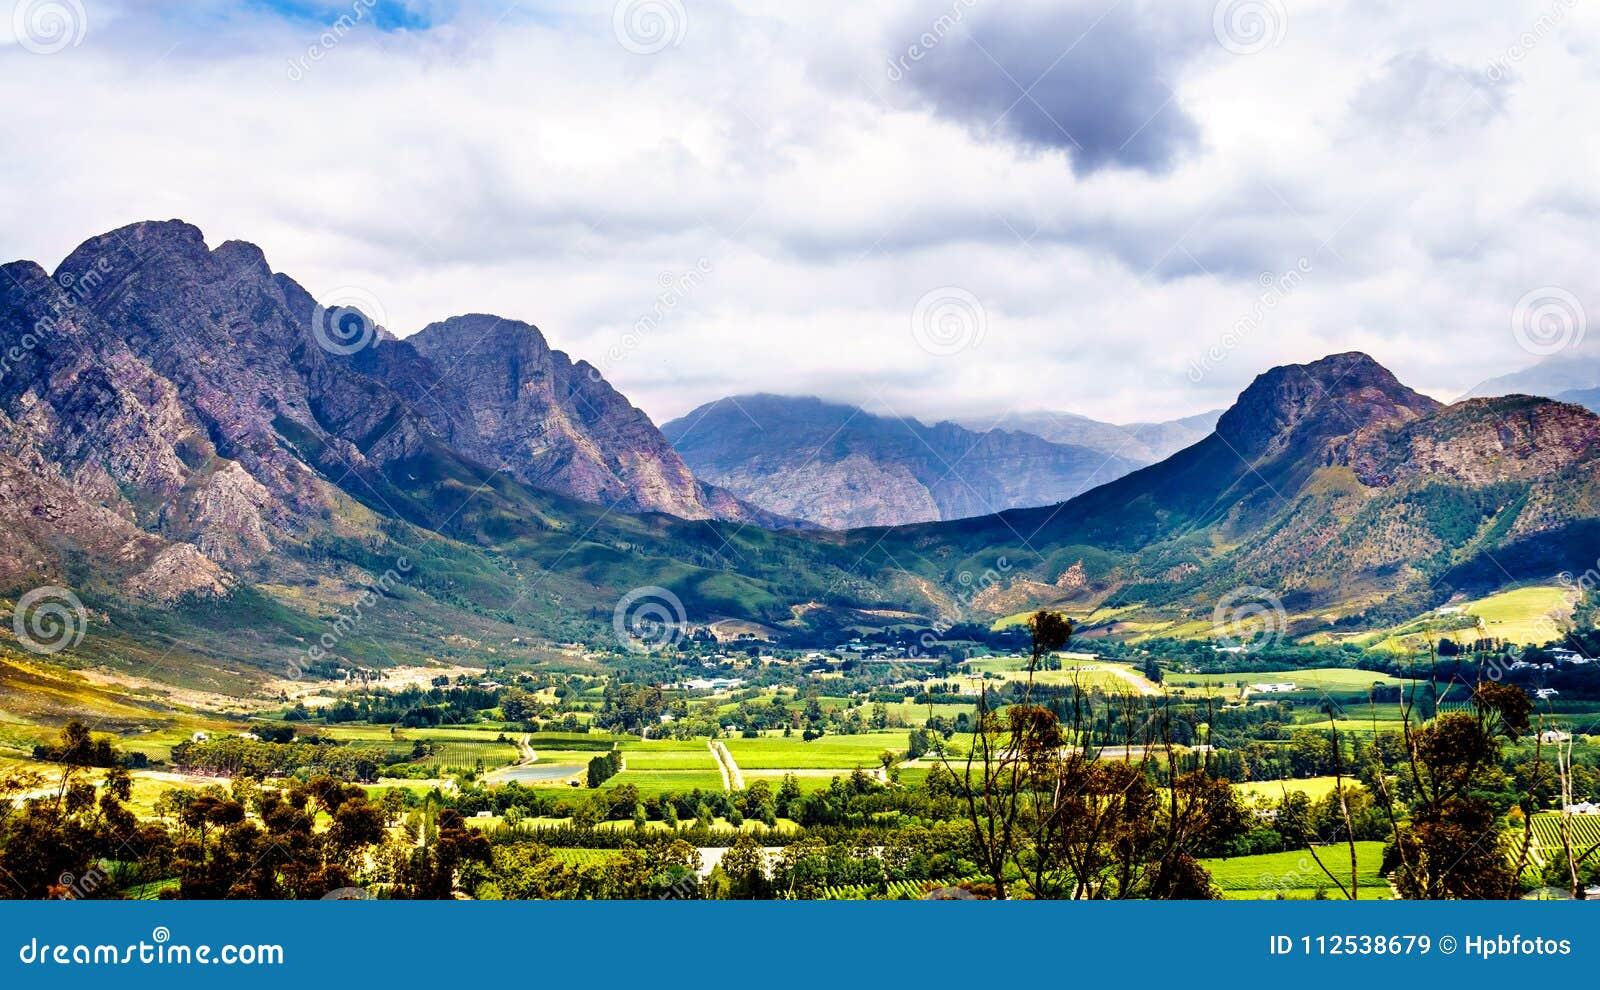 Valle de Franschhoek en la provincia de Western Cape de Suráfrica con sus numerosos viñedos que son parte del cabo Winelands